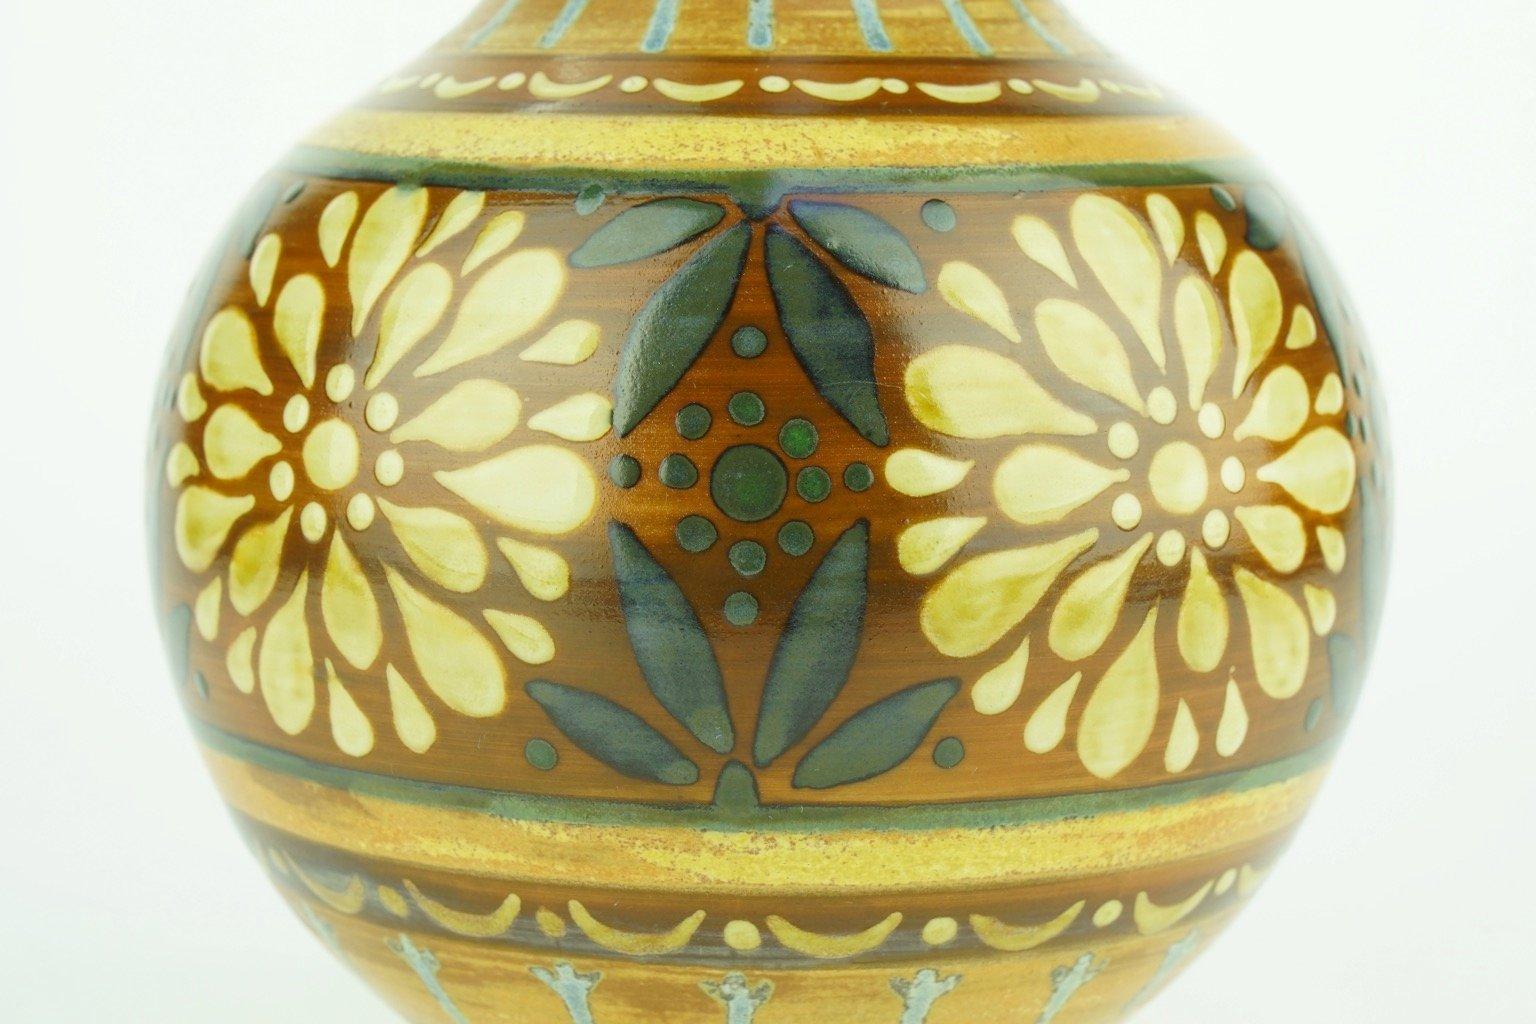 vase art deco en grès orange de keramis boch, 1920 en vente sur pamono